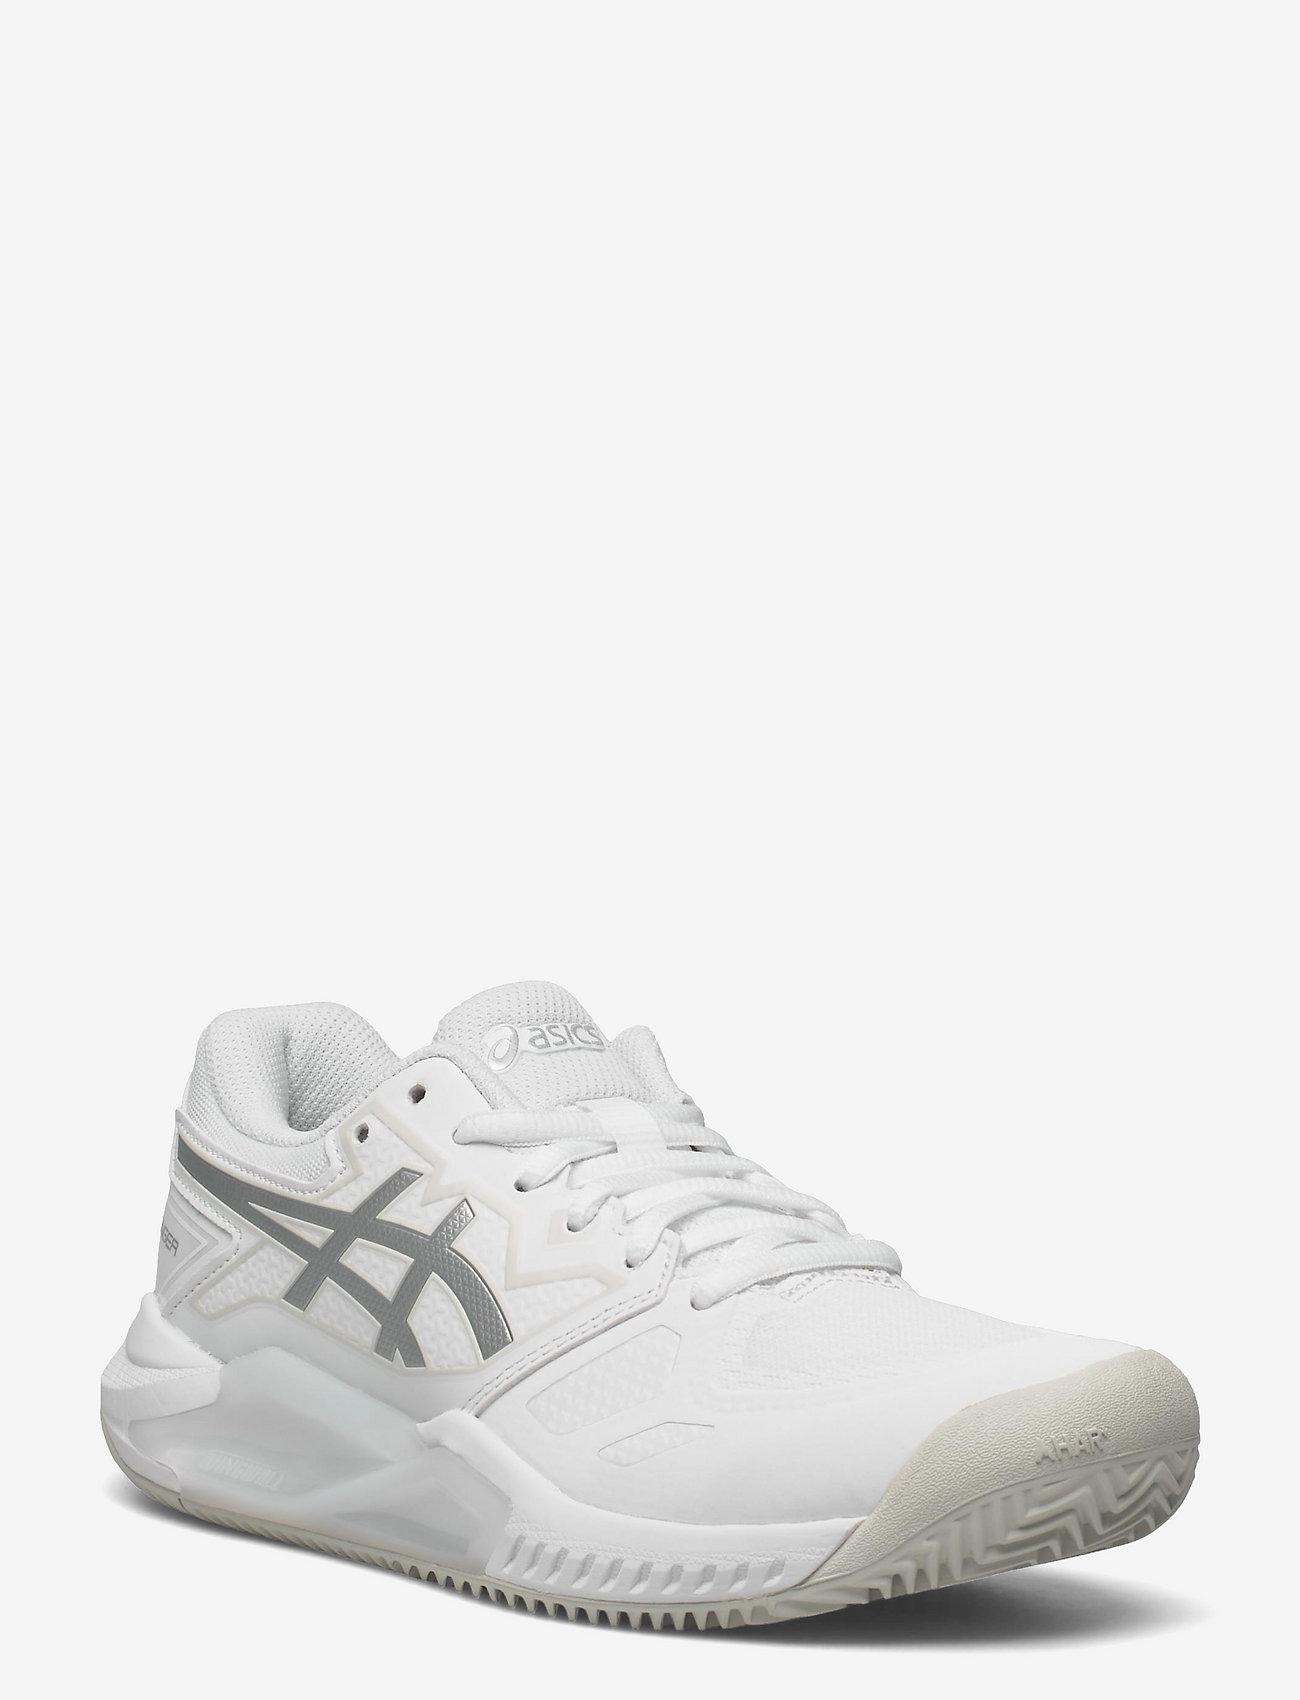 Asics - GEL-CHALLENGER 13 CLAY - ketsjersportsko - white/pure silver - 0